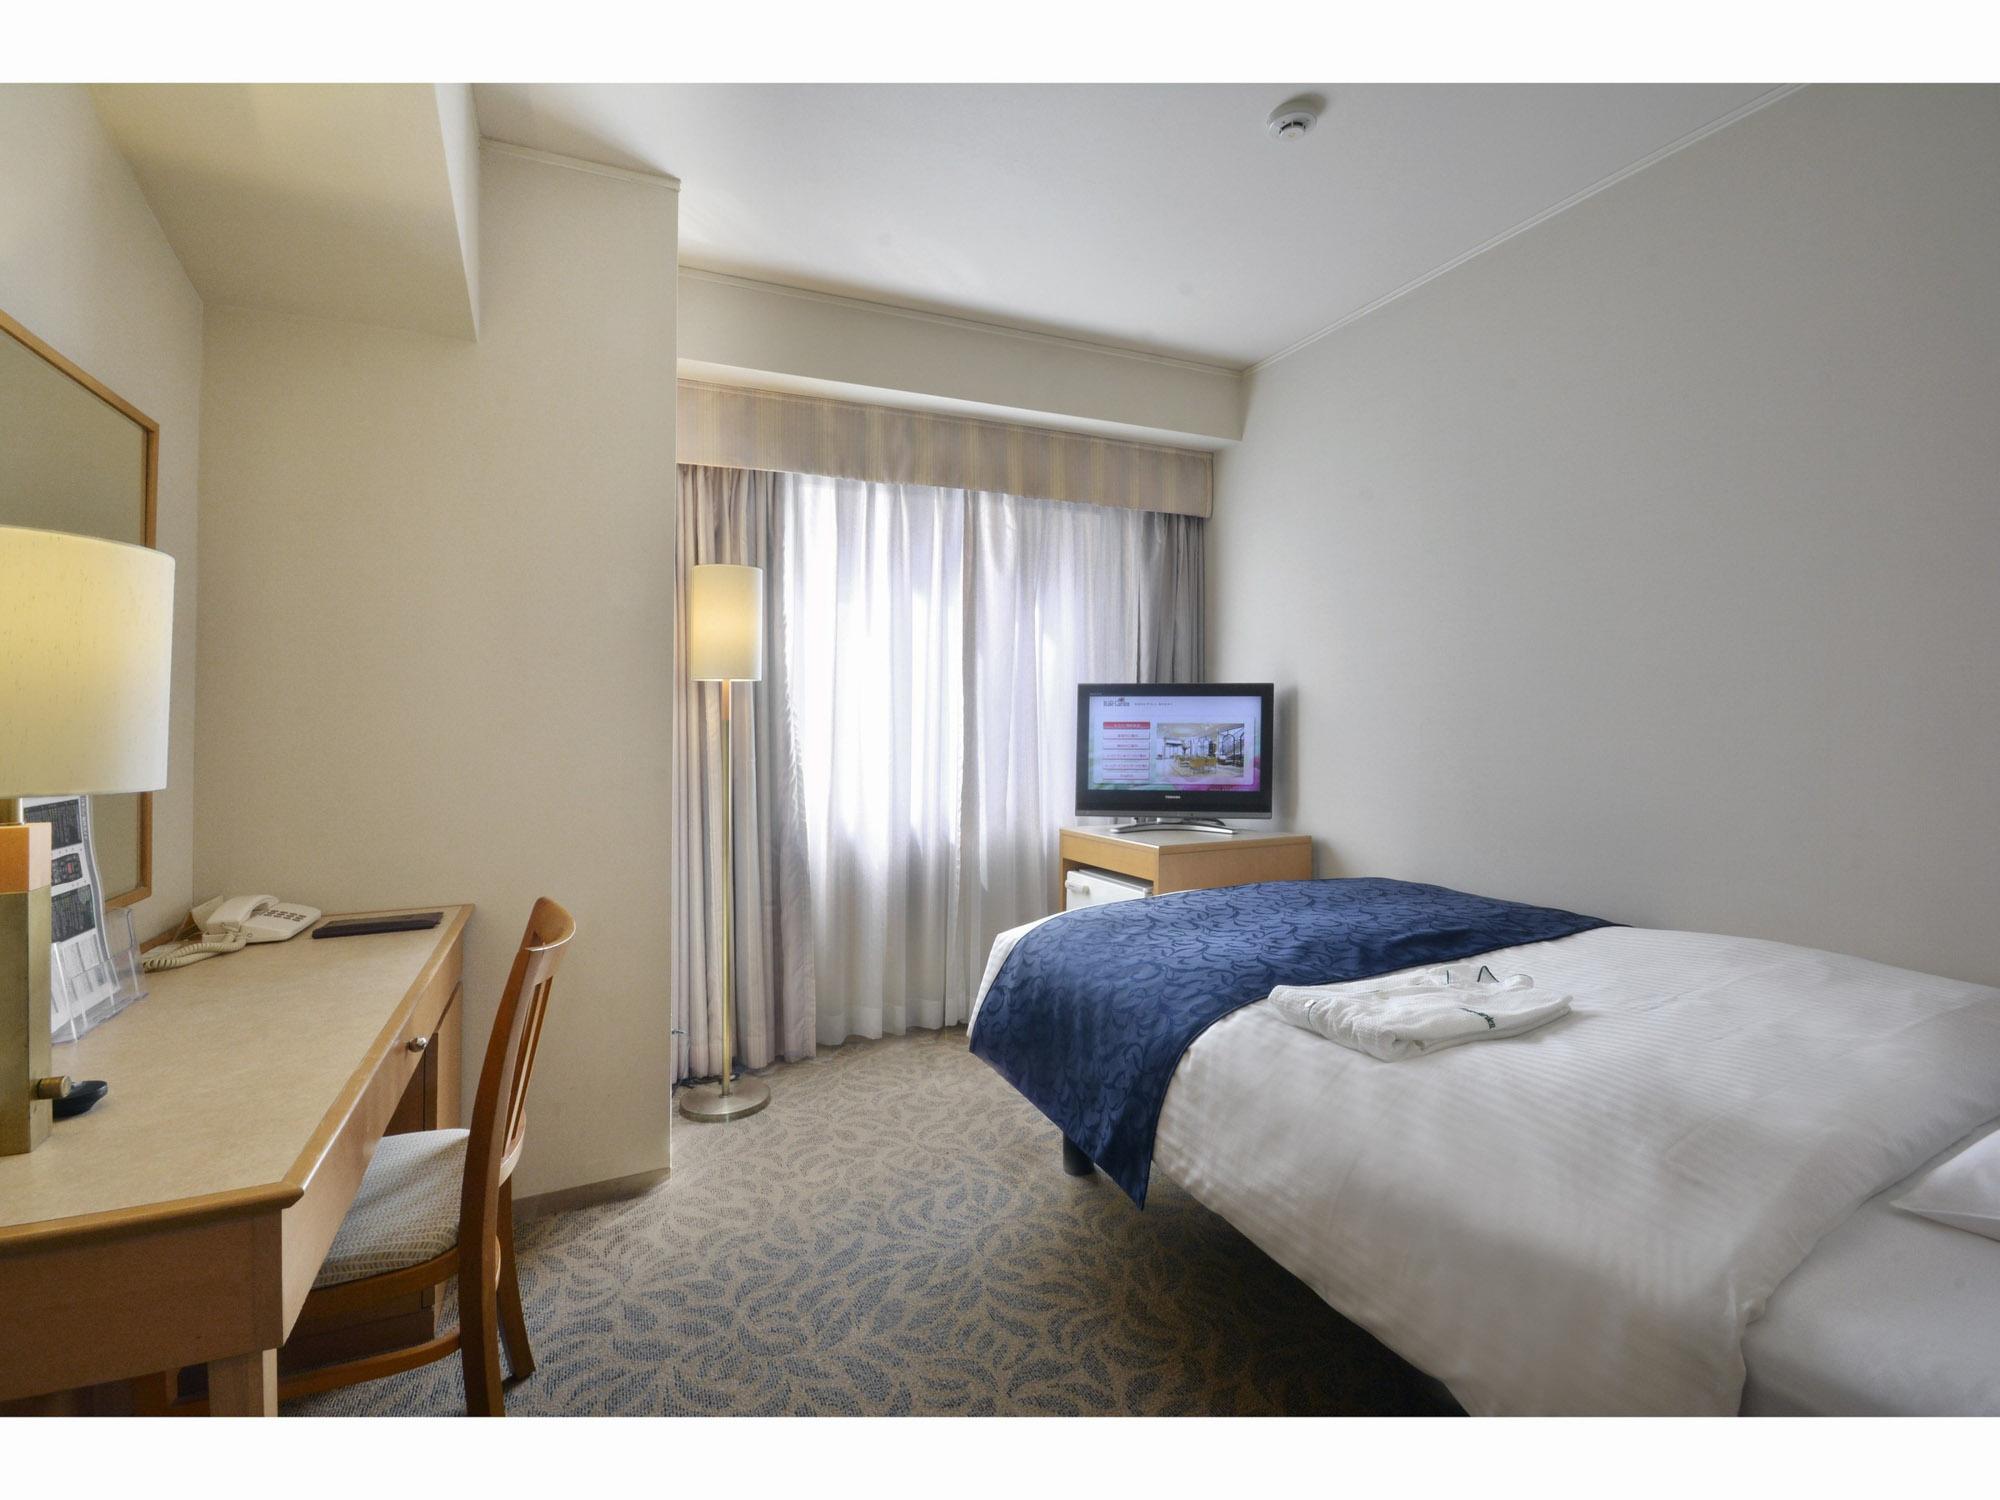 荷物の保管や洗濯、郵便など……ホテル暮らしをするなら知っておきたい便利なサービスまとめ